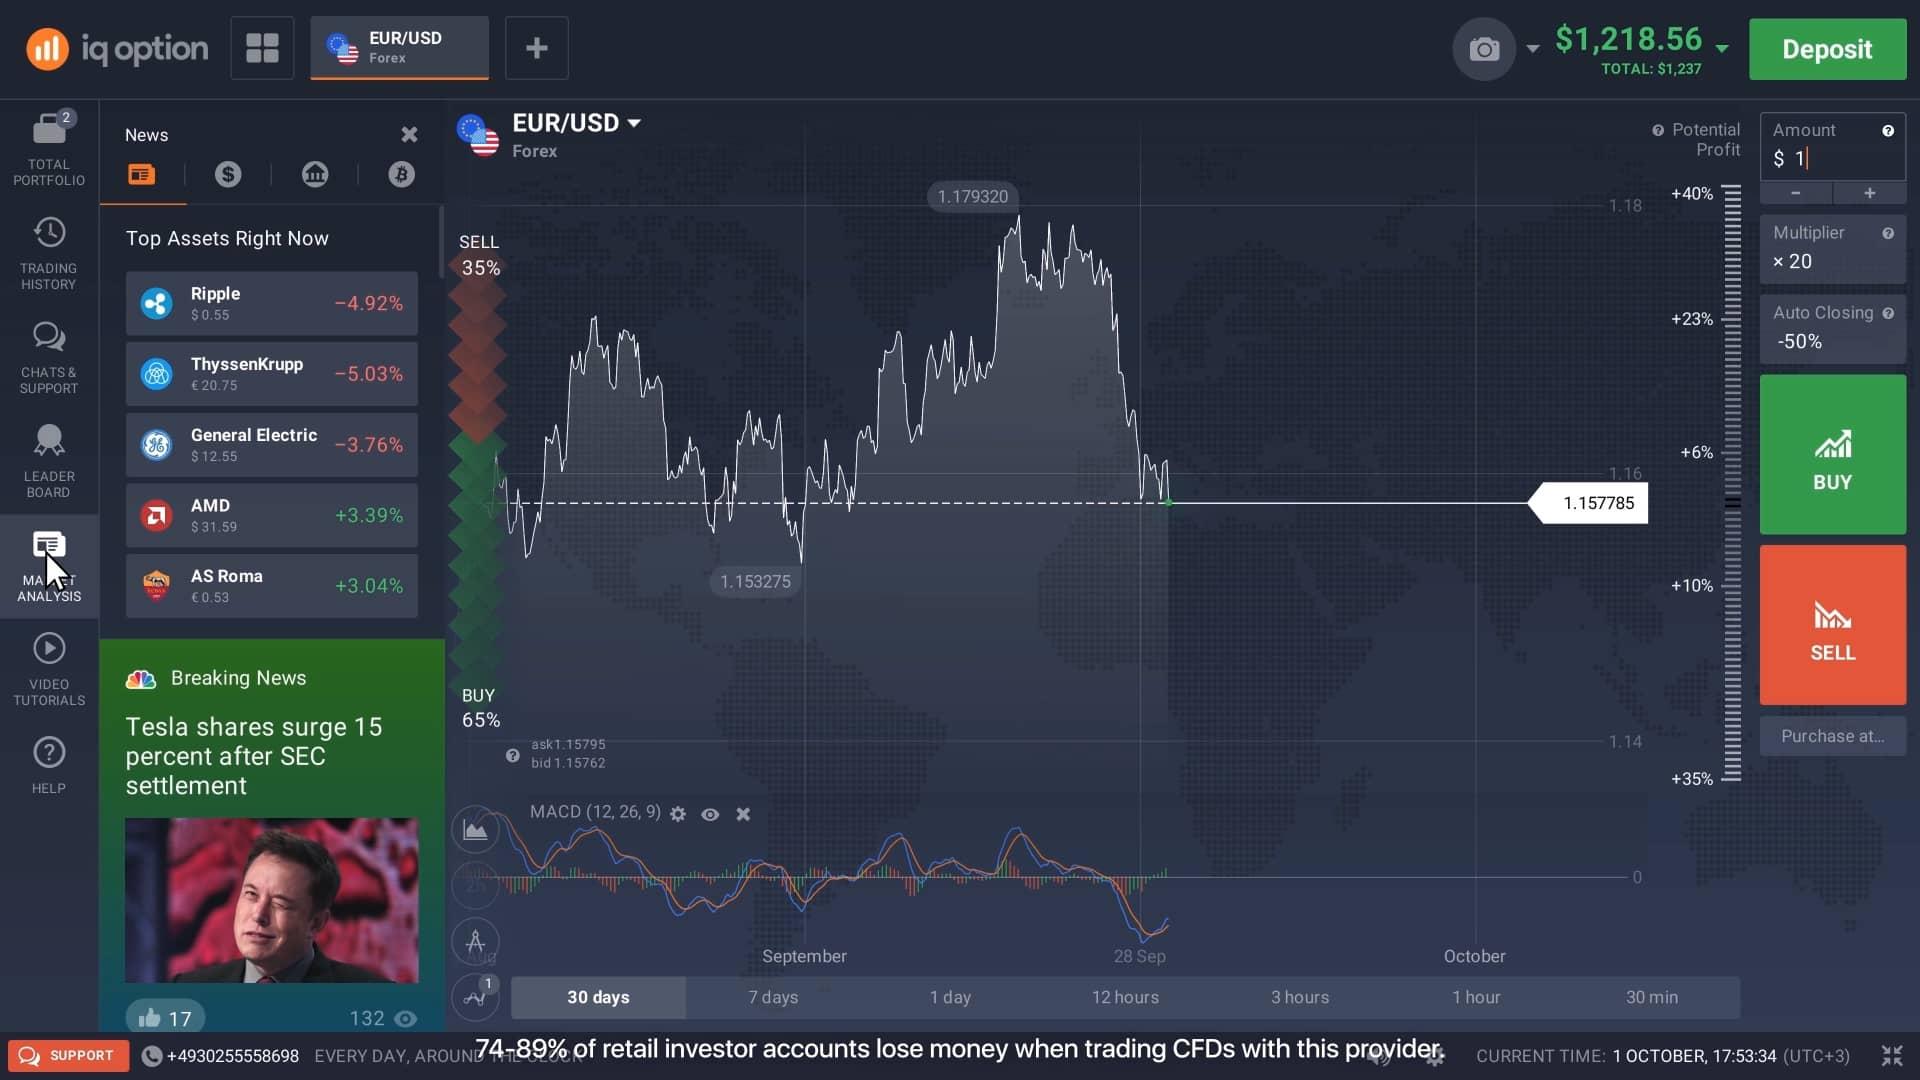 opțiune binară opțiune iq ce este rating portofel bitcoin 2020